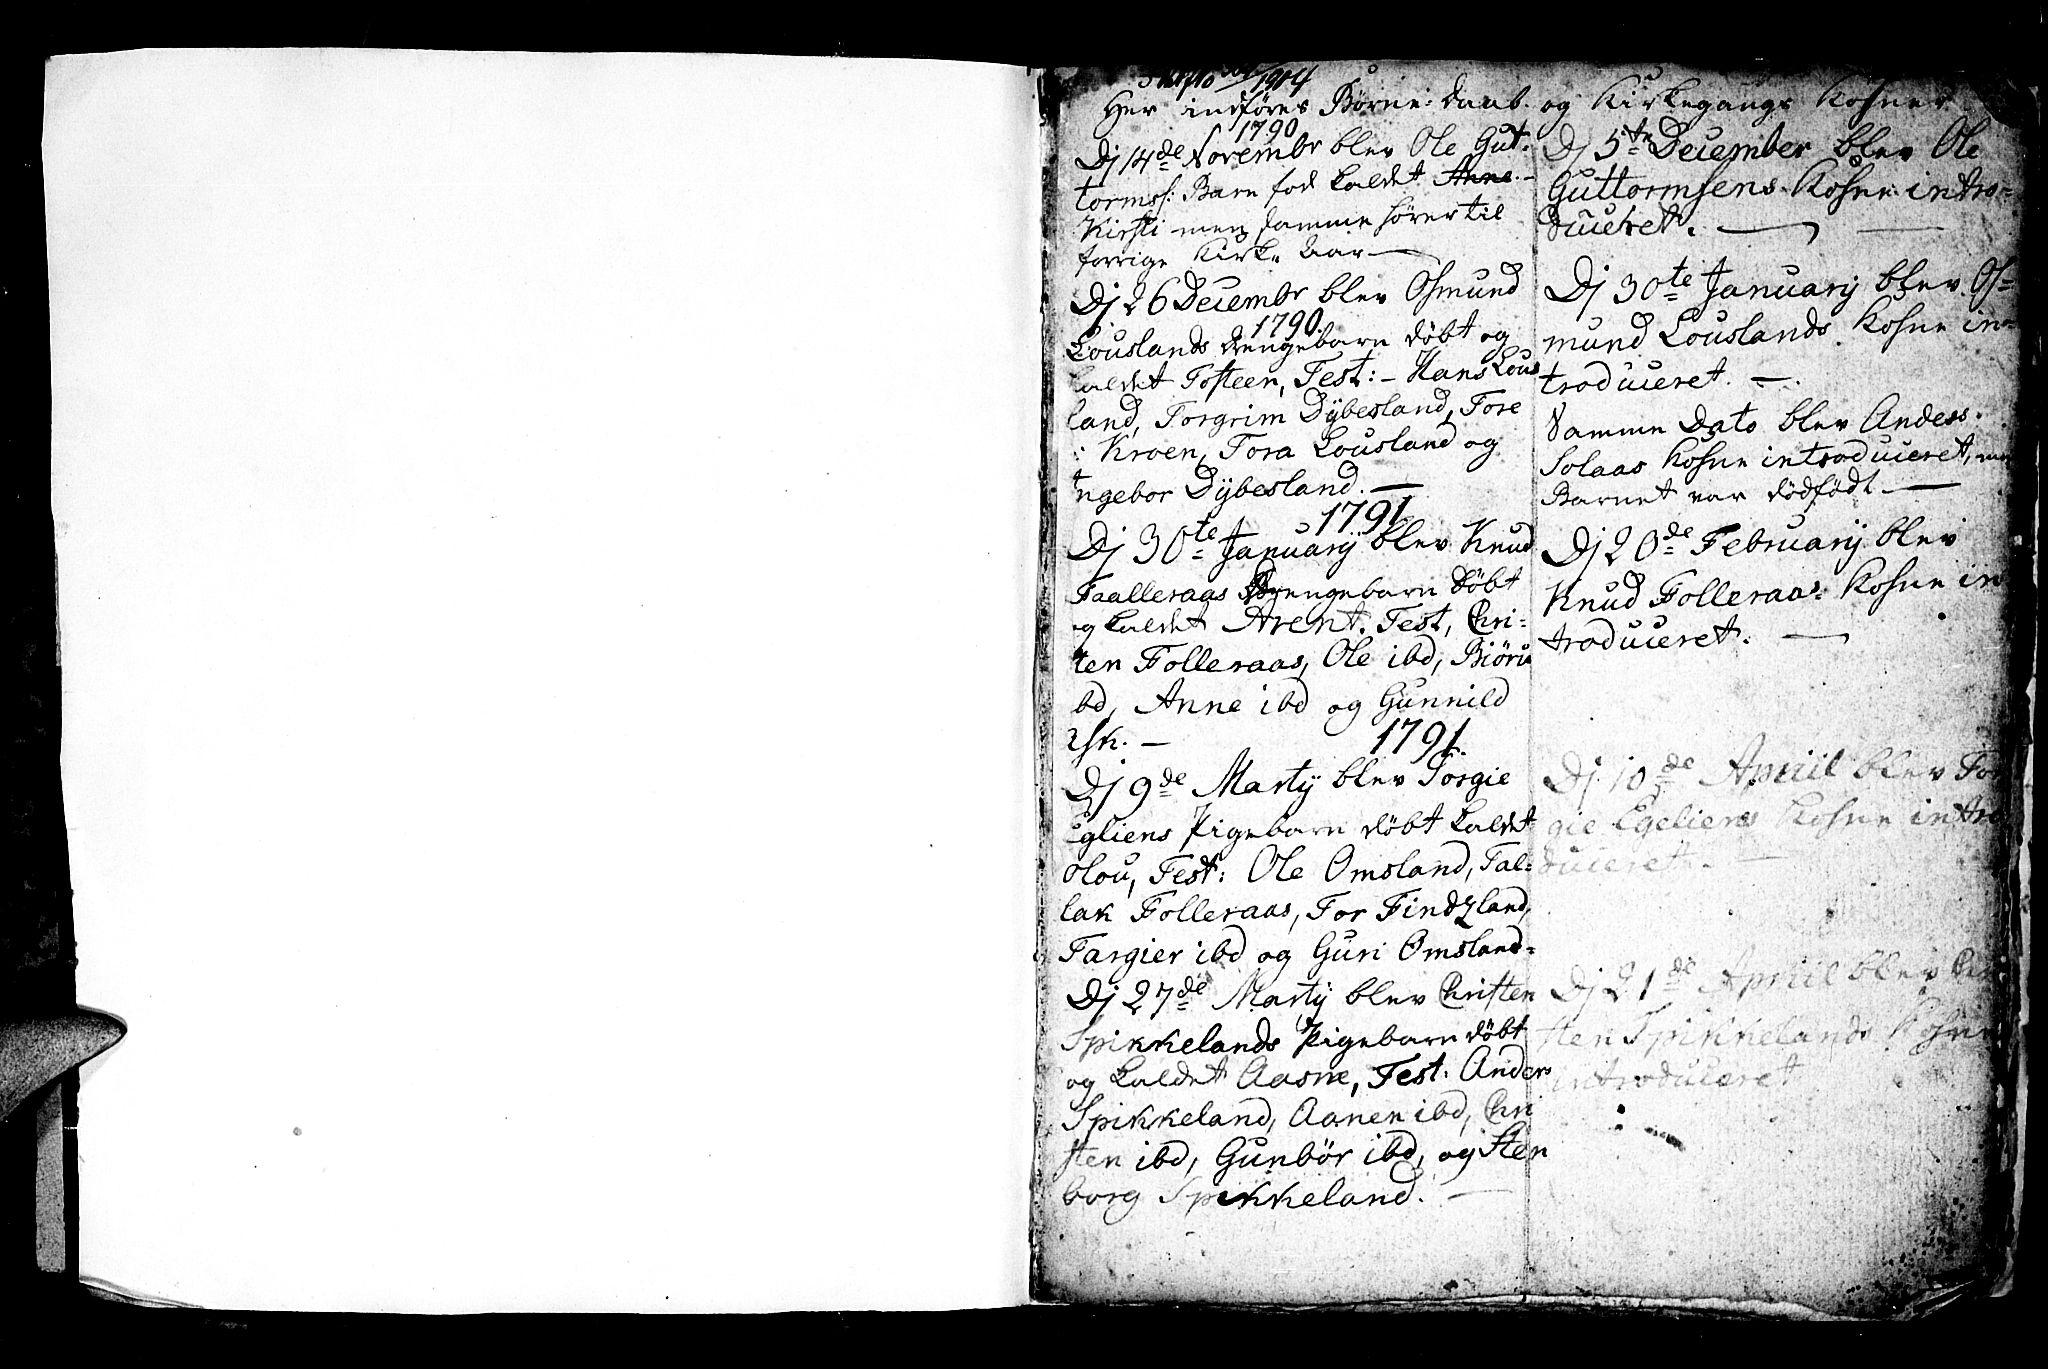 SAK, Bjelland sokneprestkontor, F/Fb/Fbb/L0002: Klokkerbok nr. B 2, 1790-1826, s. 1